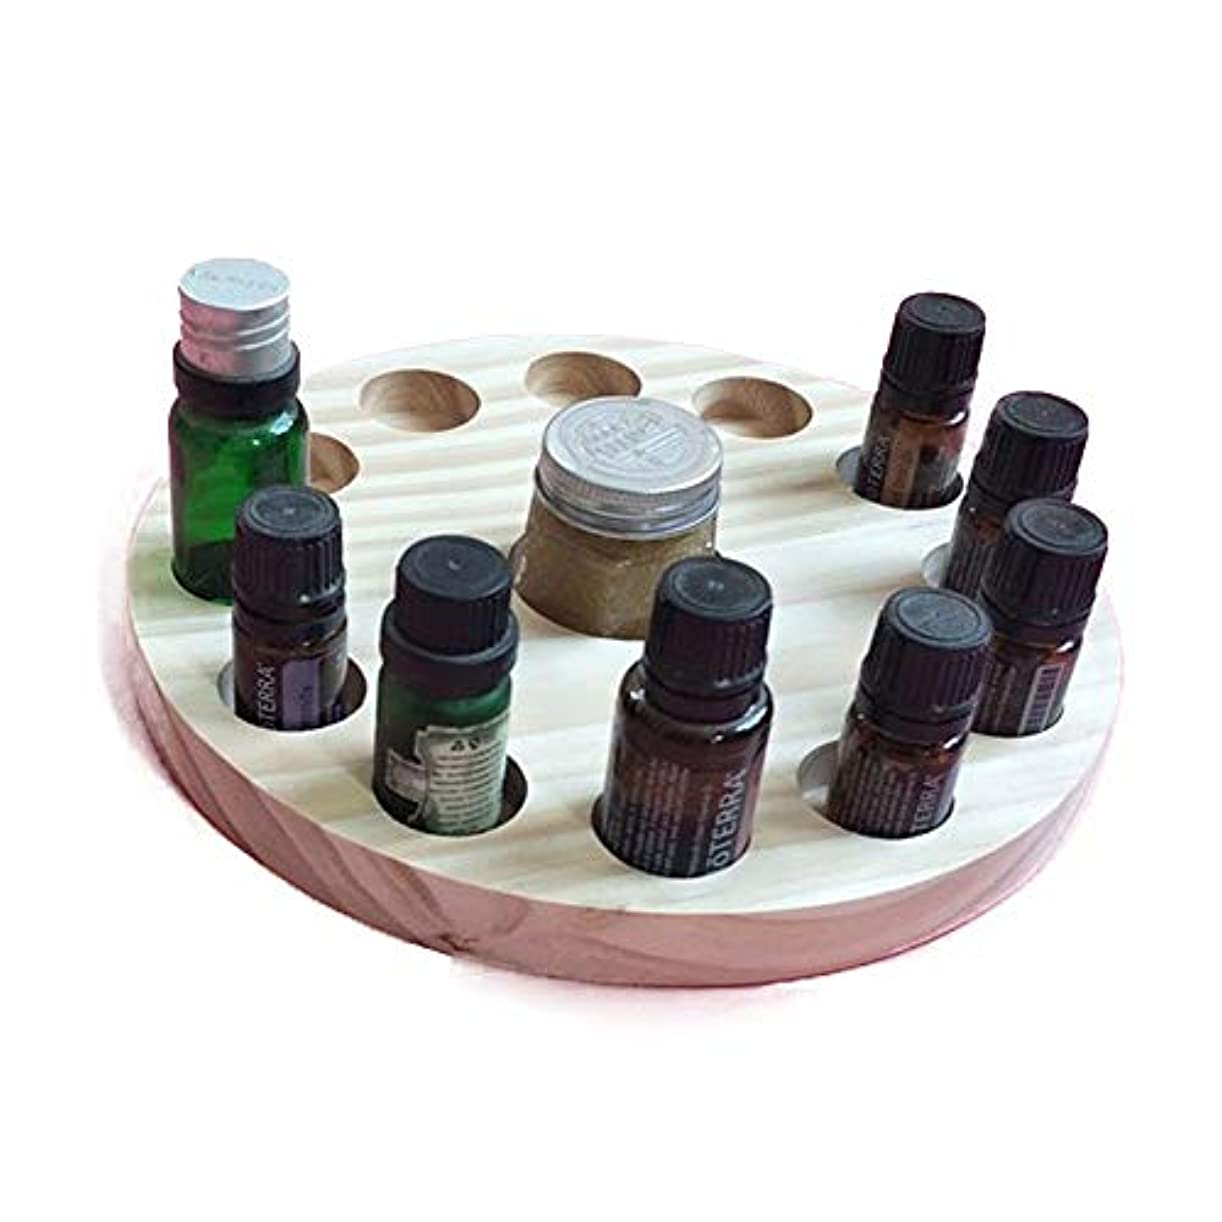 パレード忠実な財政13スロット木製エッセンシャルオイルストレージホルダーは12の10mlの油のボトルを保持します アロマセラピー製品 (色 : Natural, サイズ : Free size)